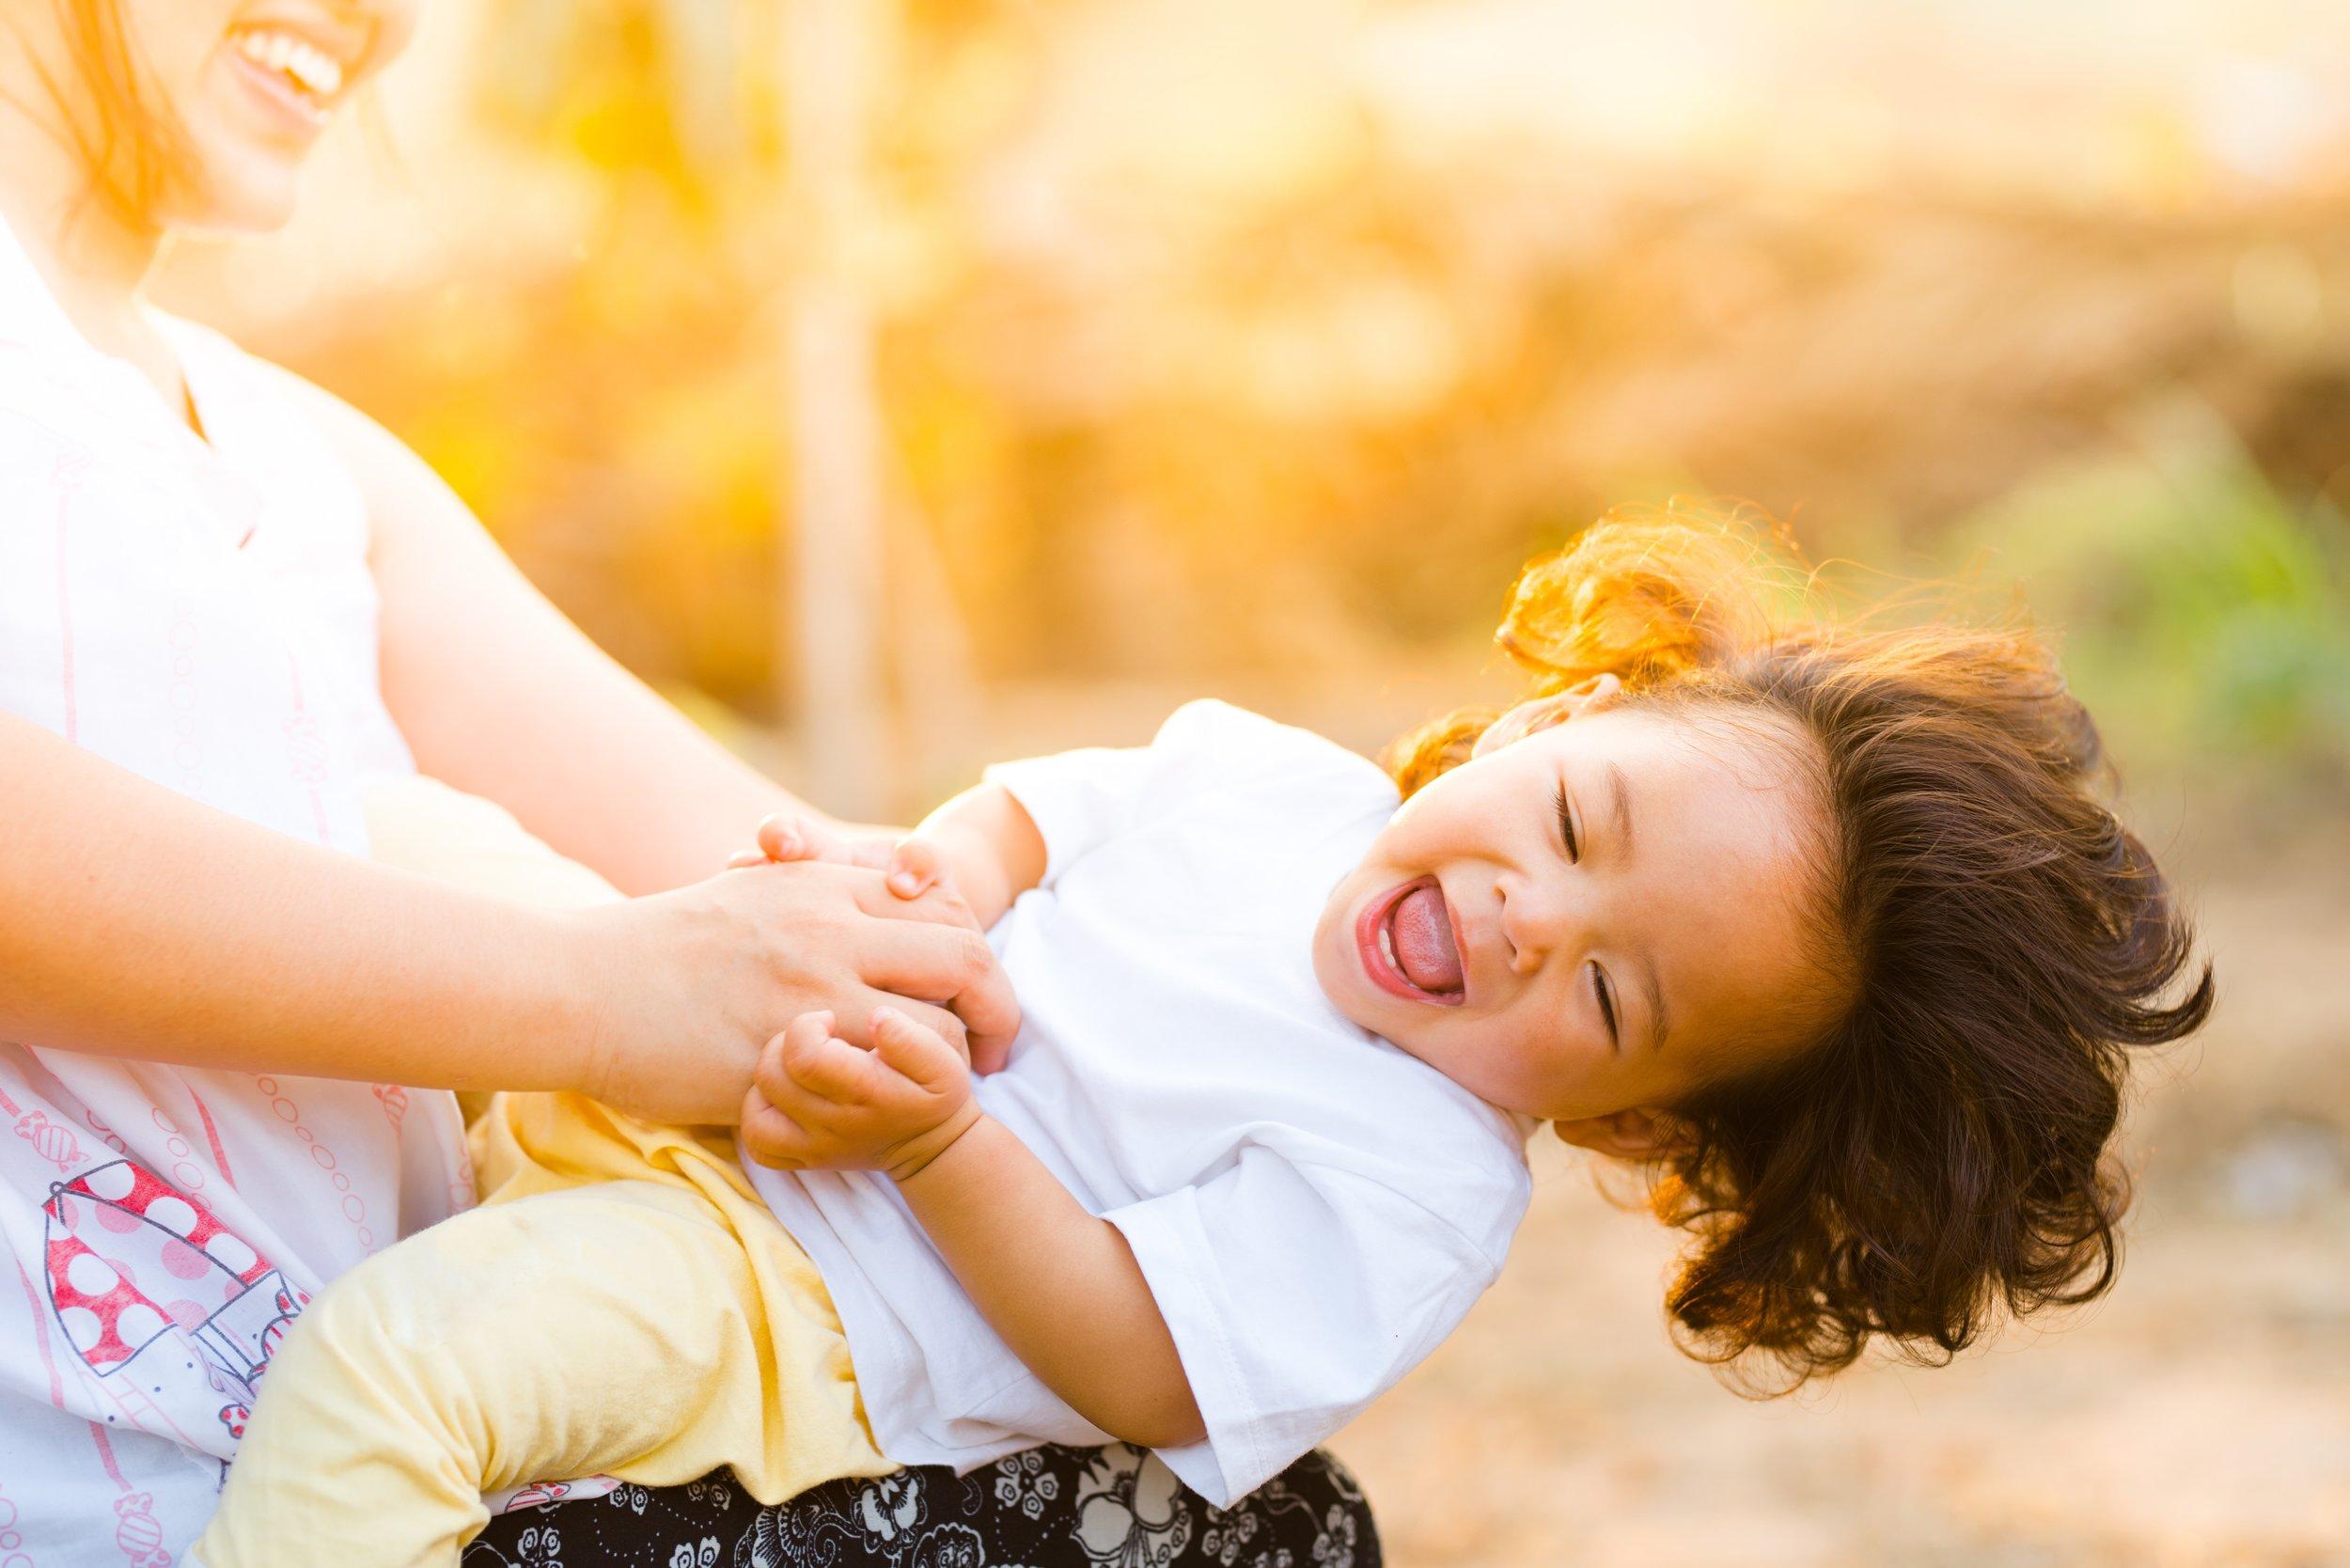 baby-babysitter-babysitting-1116050.jpg